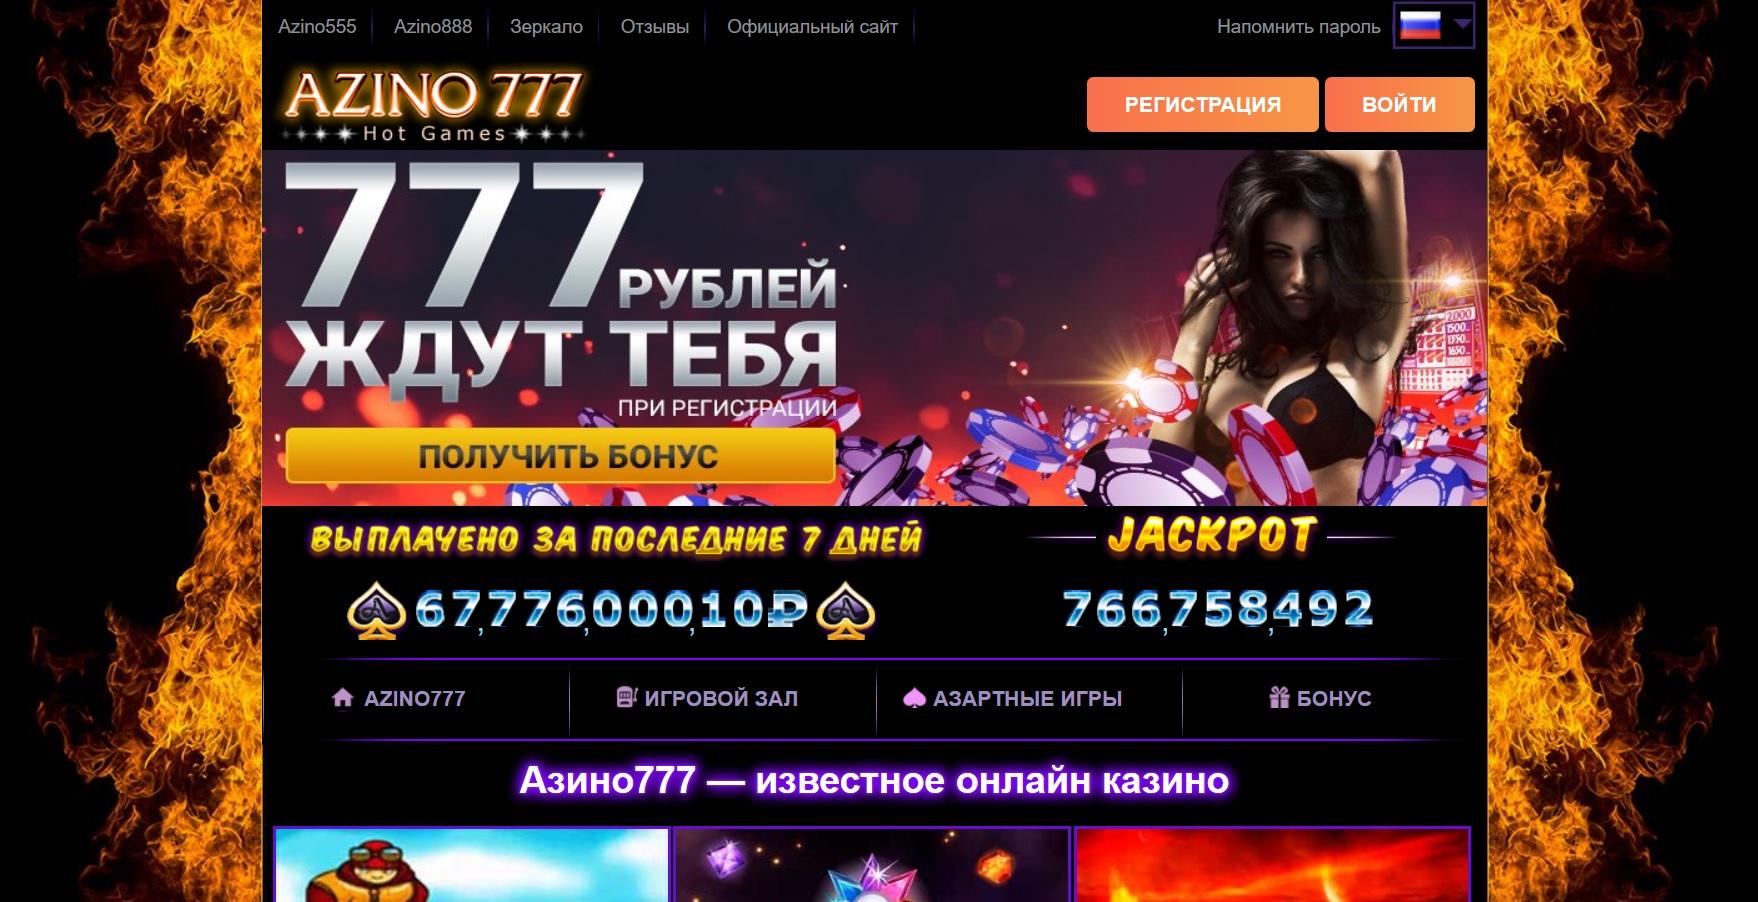 azino888 казино 888 бонус при регистрации